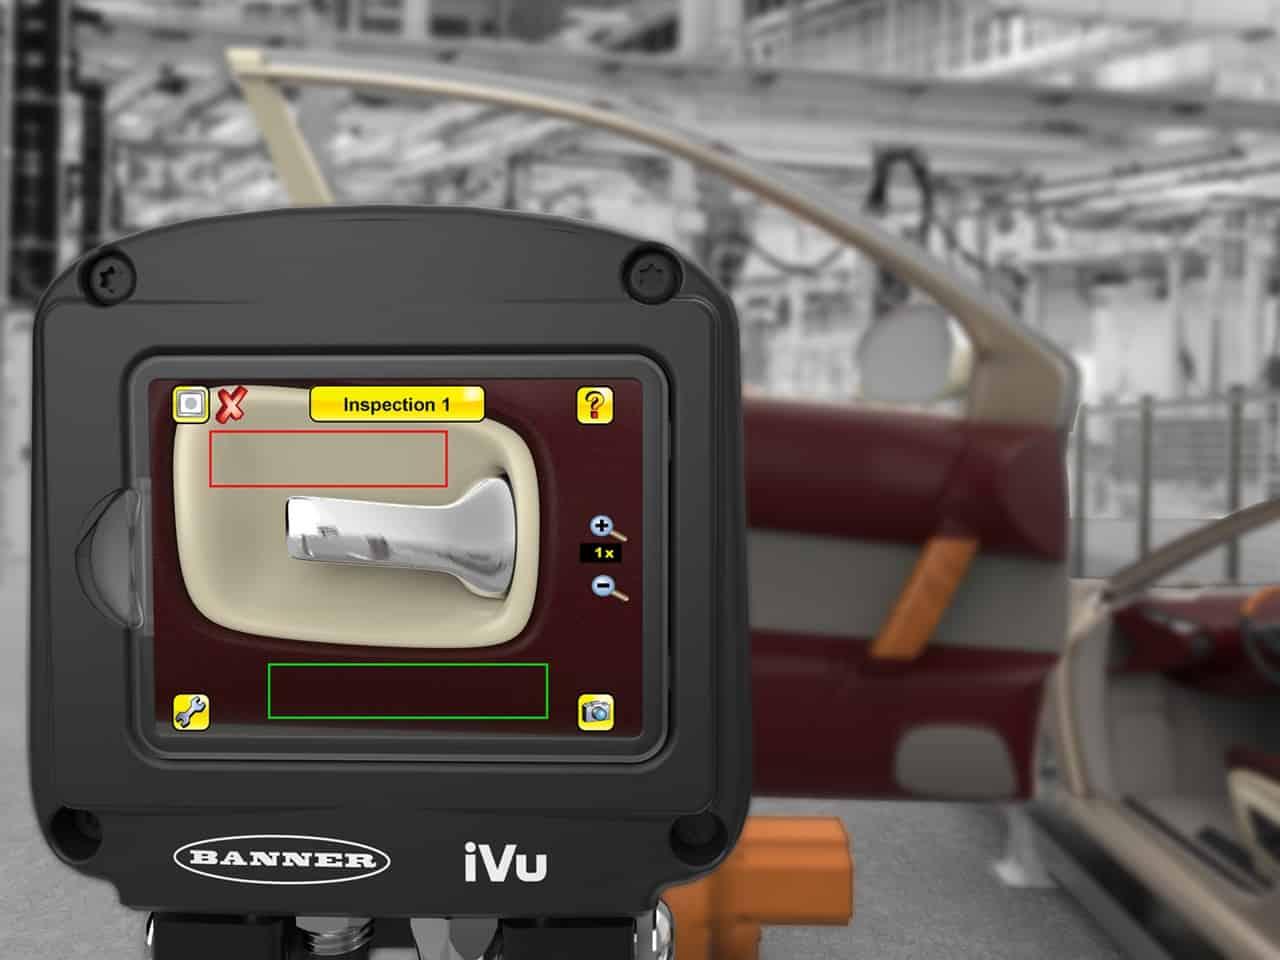 กล้องตรวจสอบสินค้า การตรวจเช็คความผิดปกติ